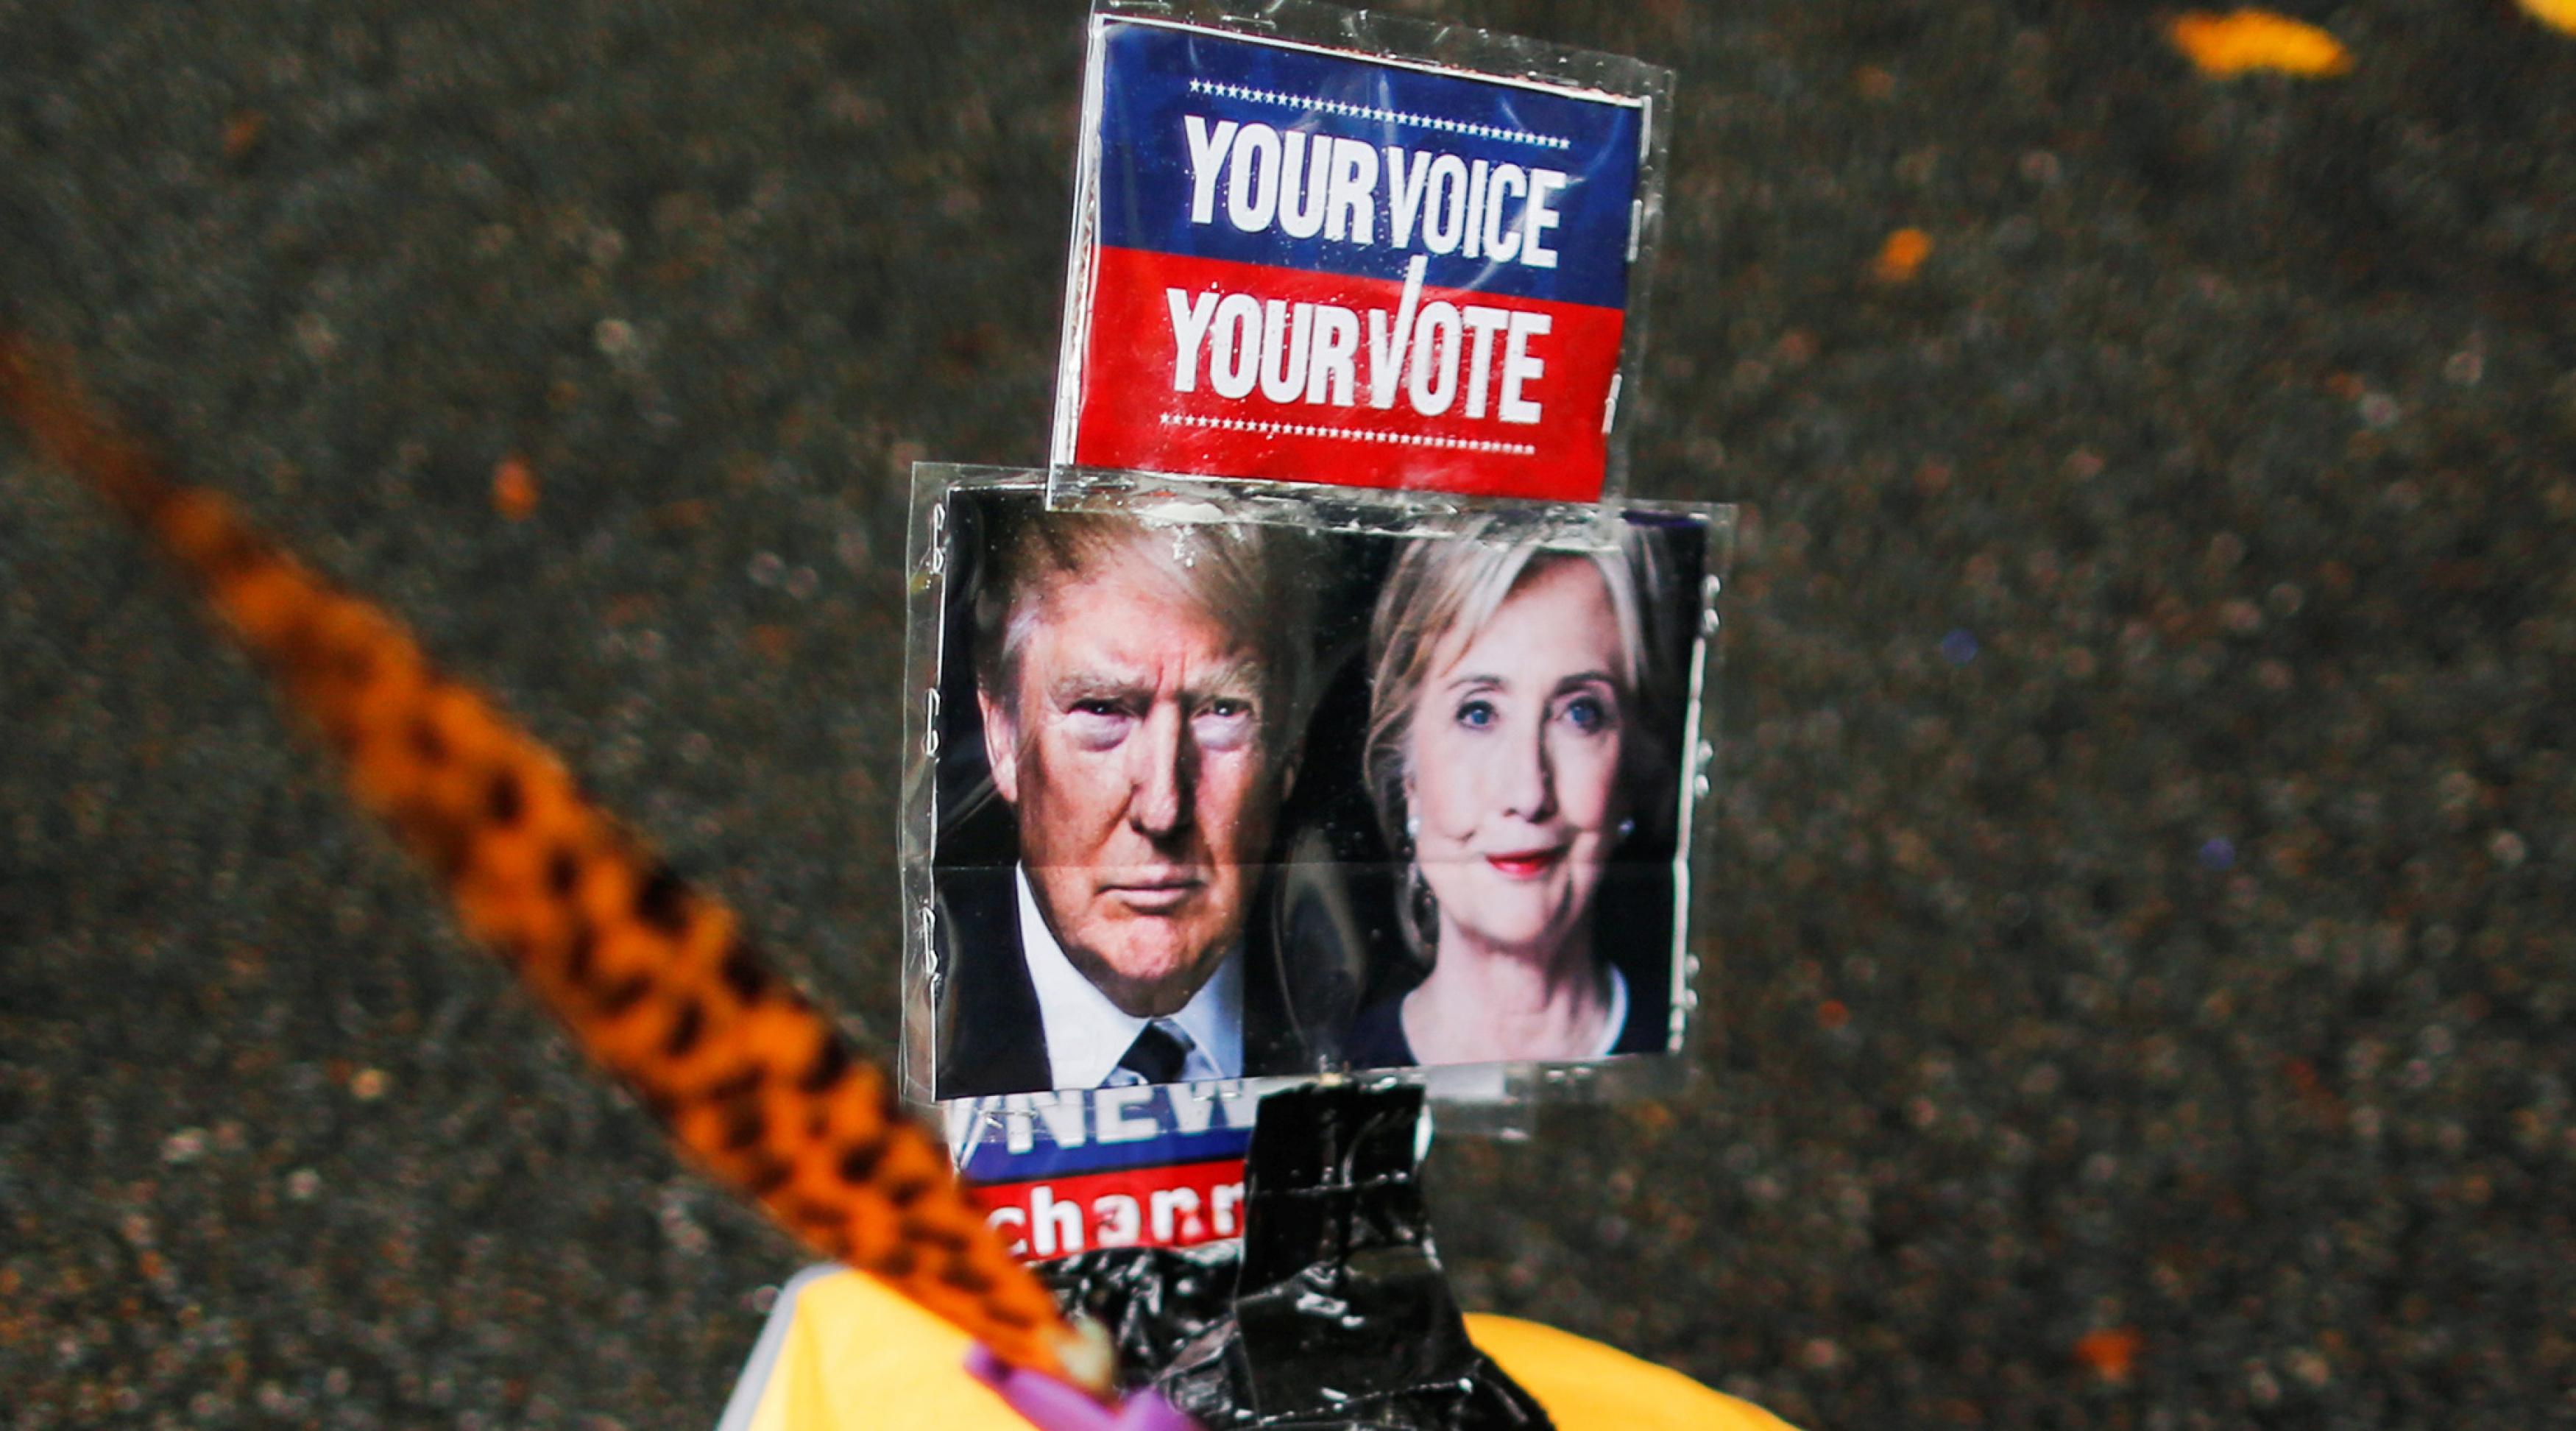 Клинтон считает, что Трамп угрожает демократии в США